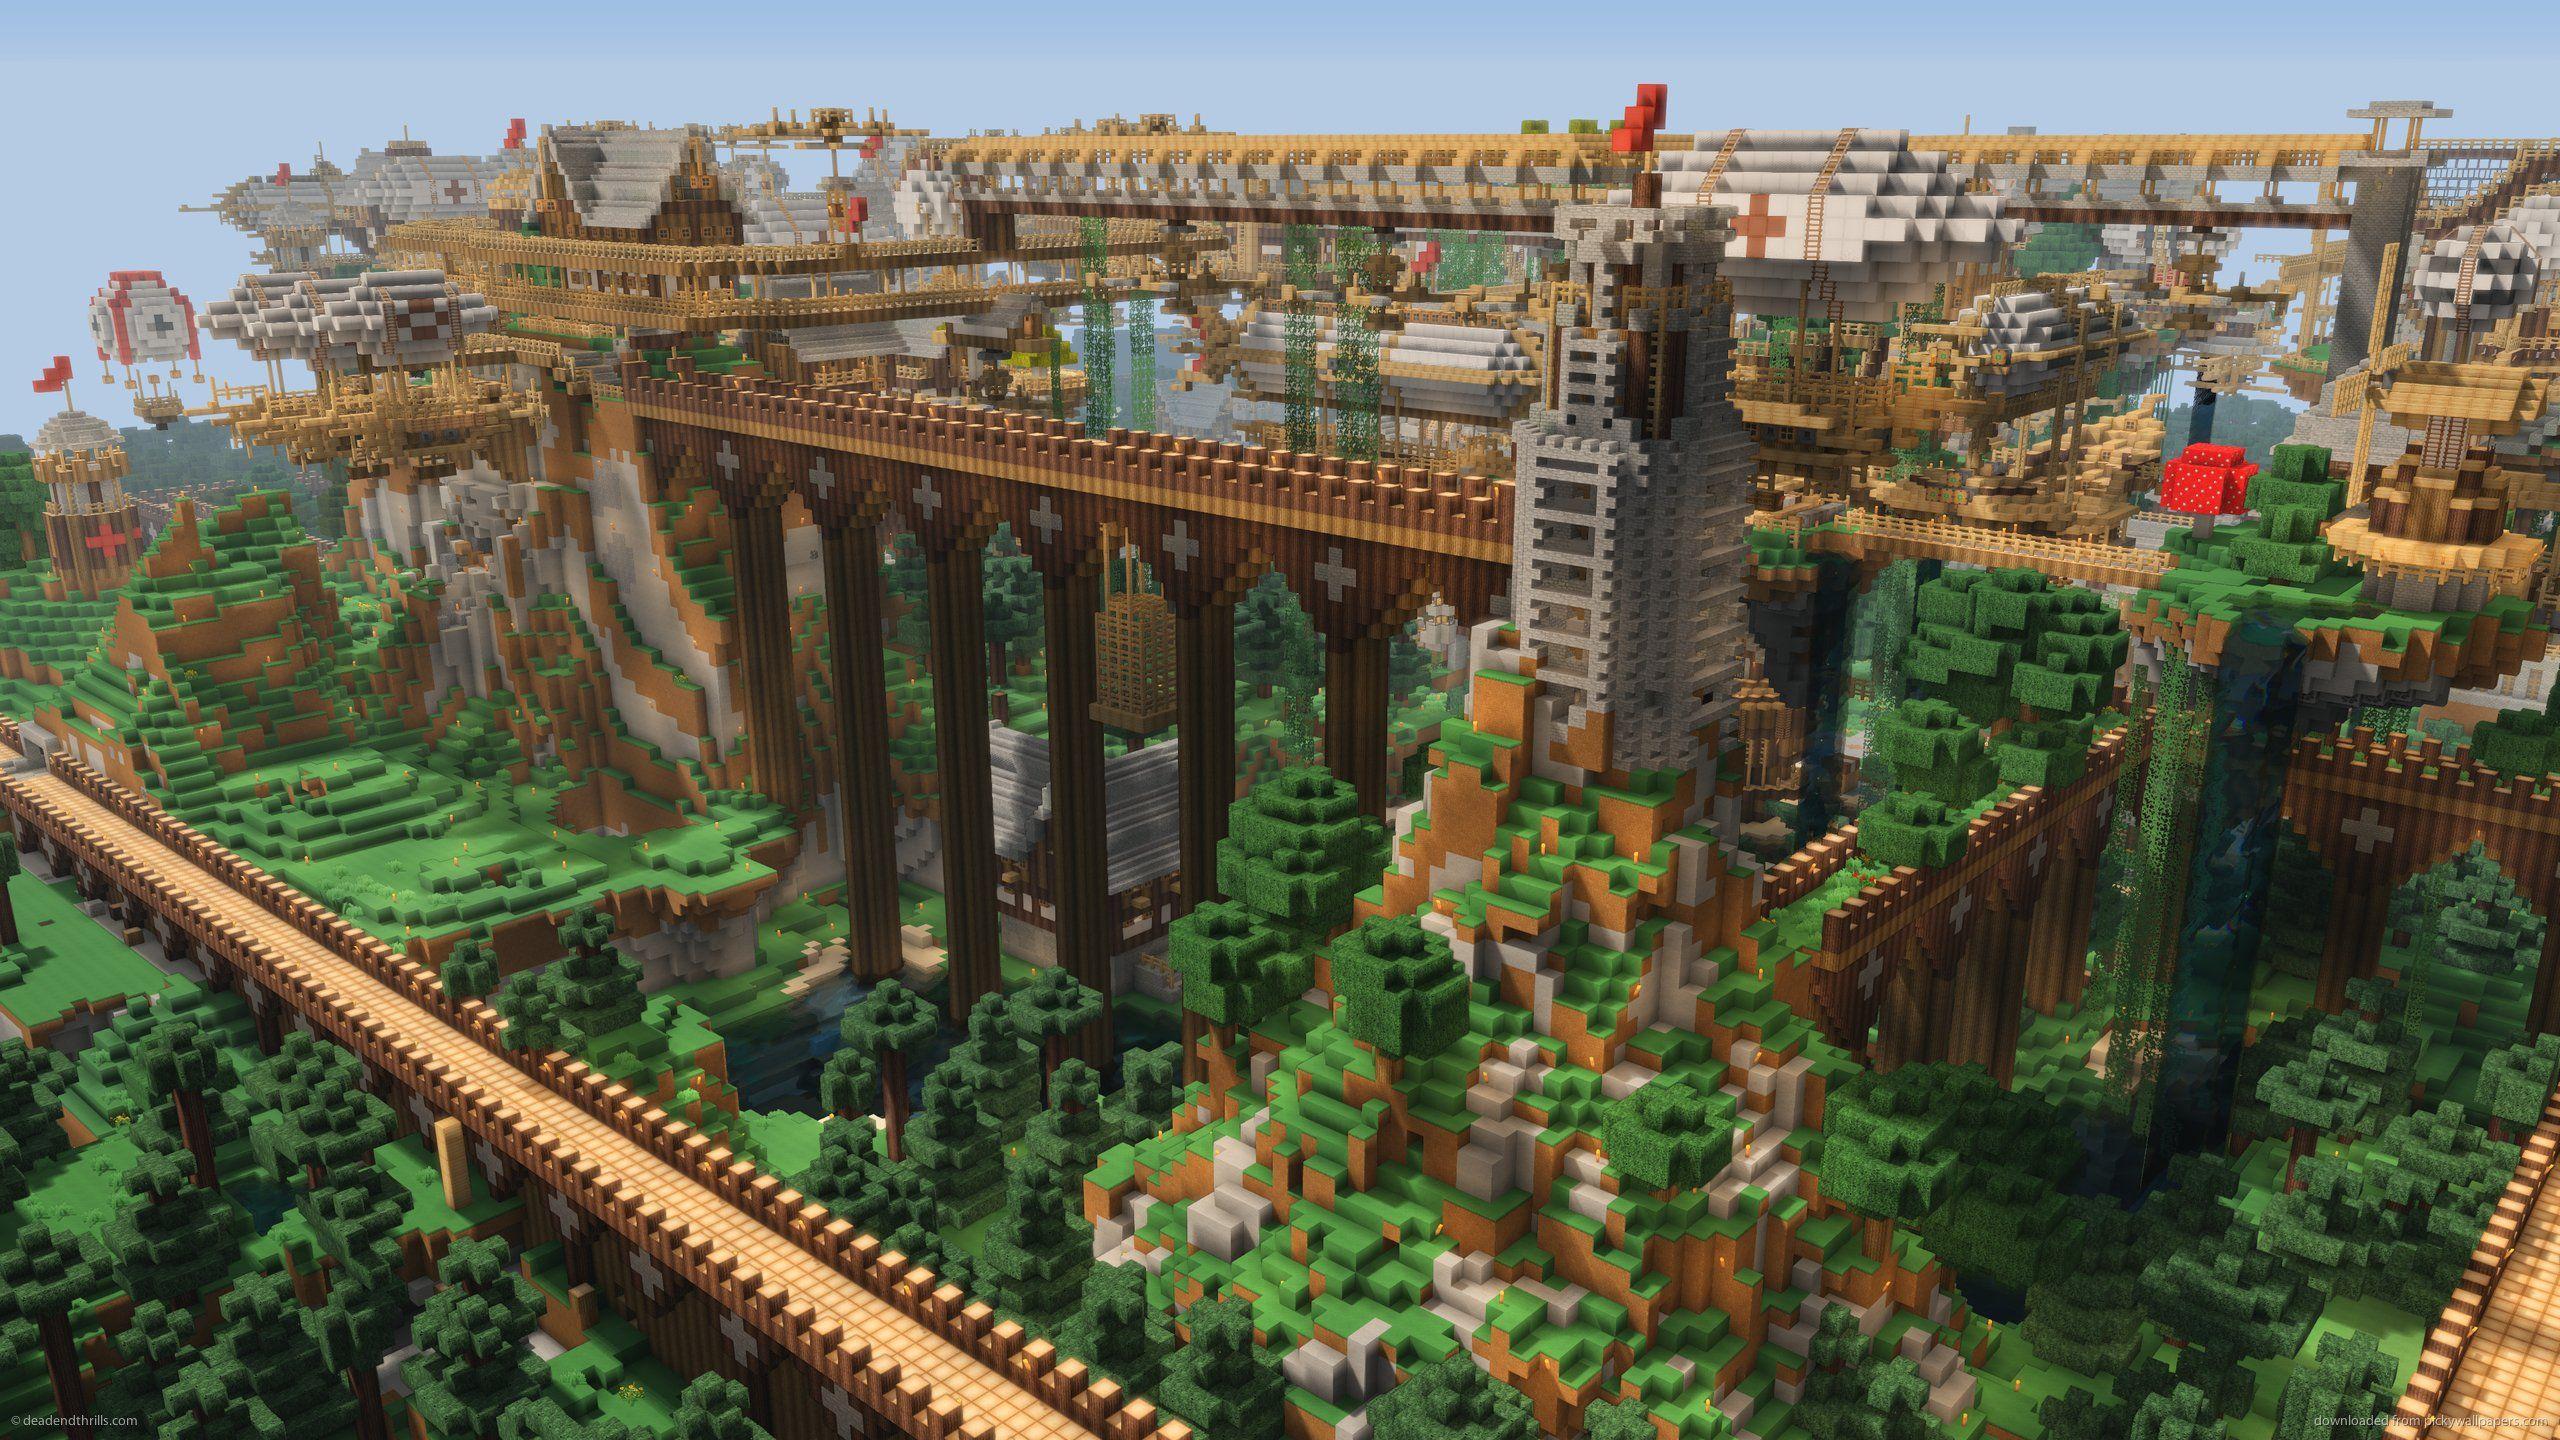 Popular Wallpaper Minecraft Laptop - d5927b3272ff3a3d102cd81798d7e23b  Photograph_591329.jpg